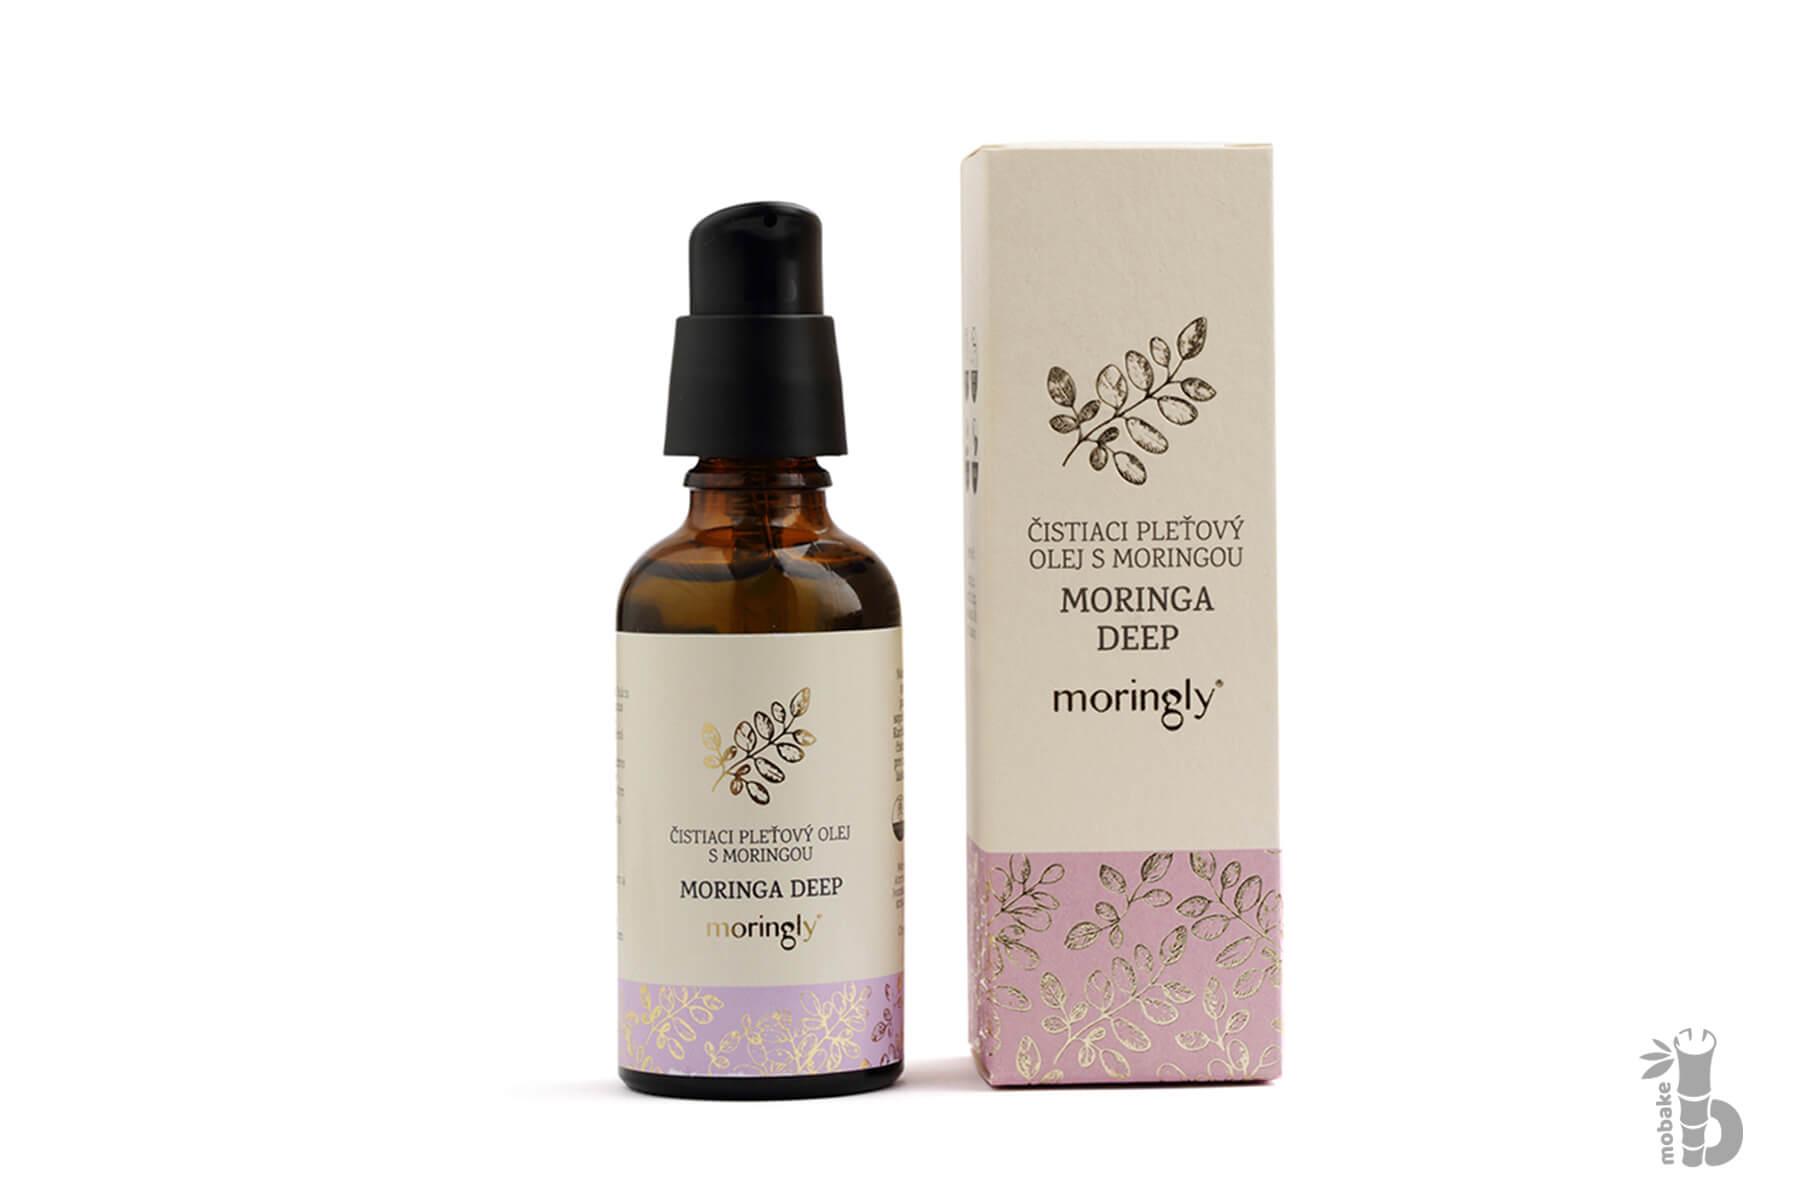 Moringly MORINGA DEEP | Čistiace pleťový olej s Moringou 30 ml